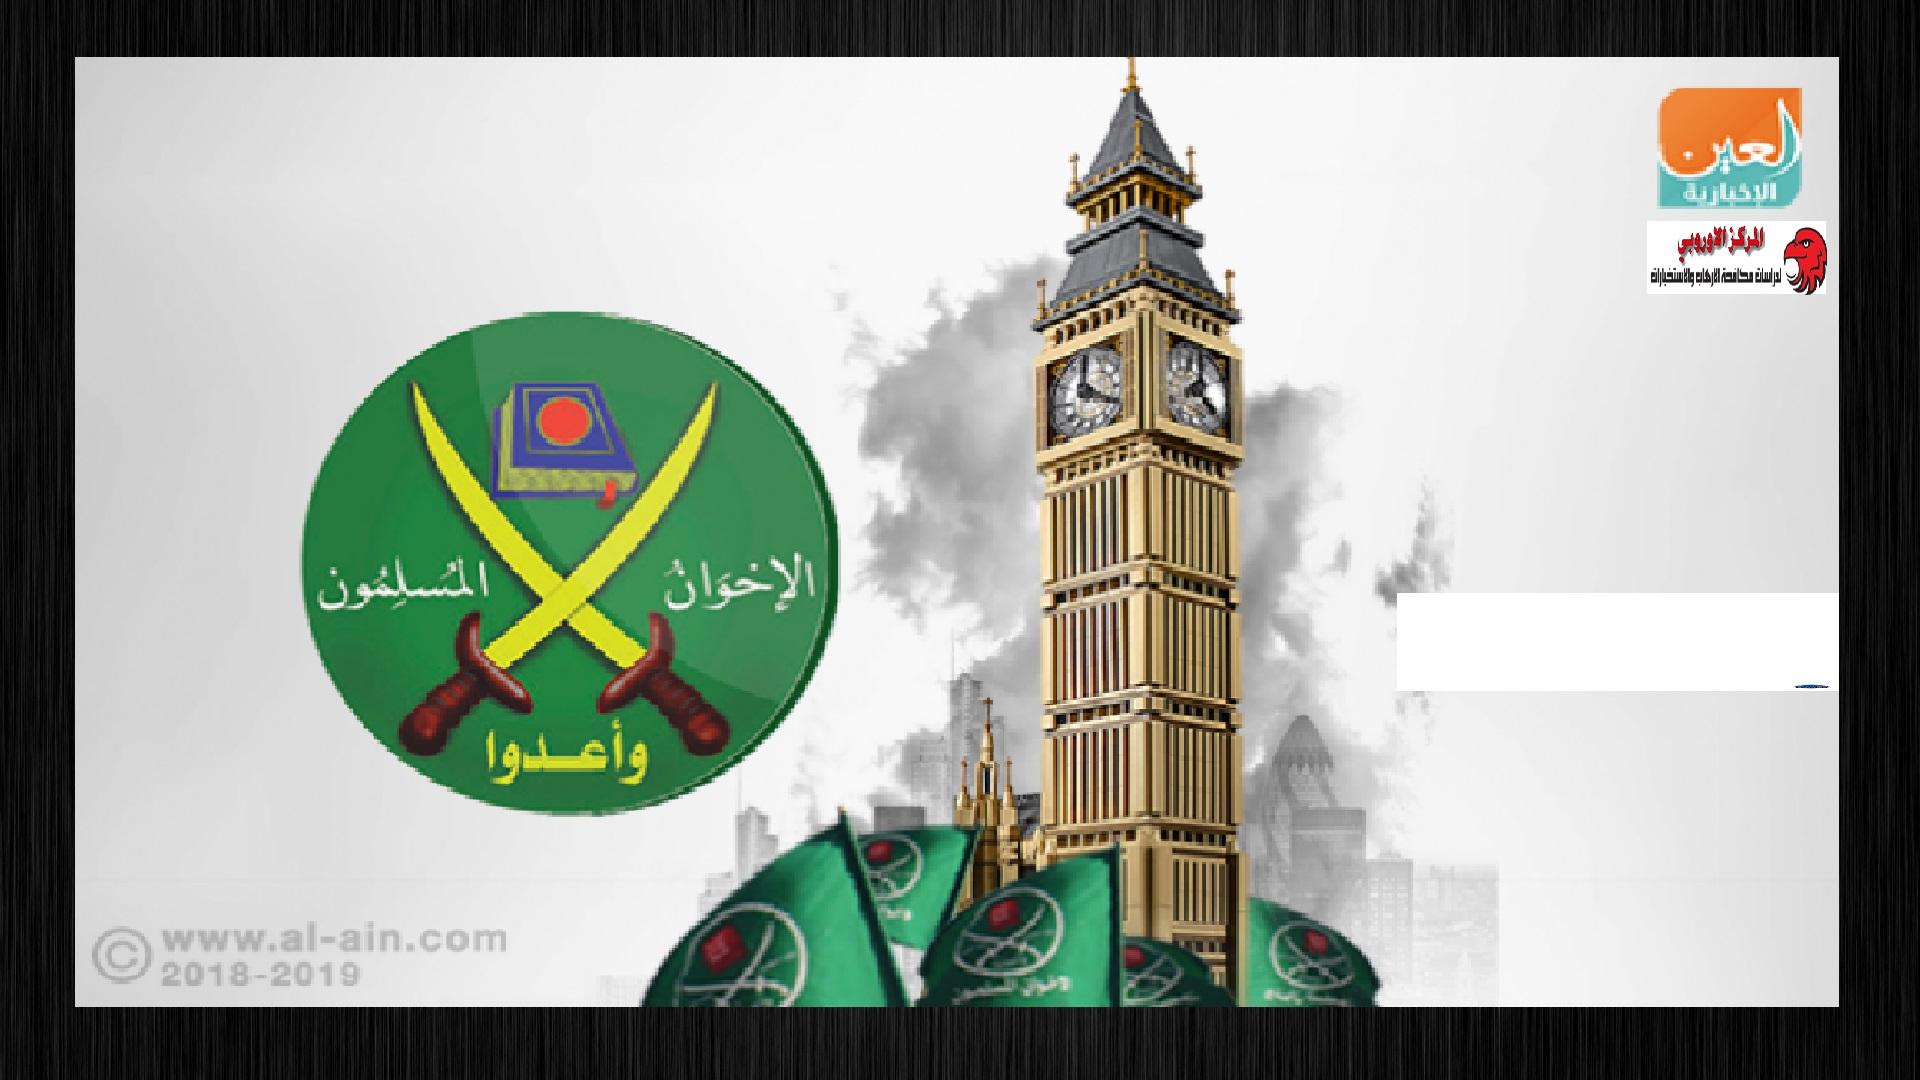 التأريخ السري للإستخبارات البريطانية والإخوان المسلمين بالتآمر على مصر